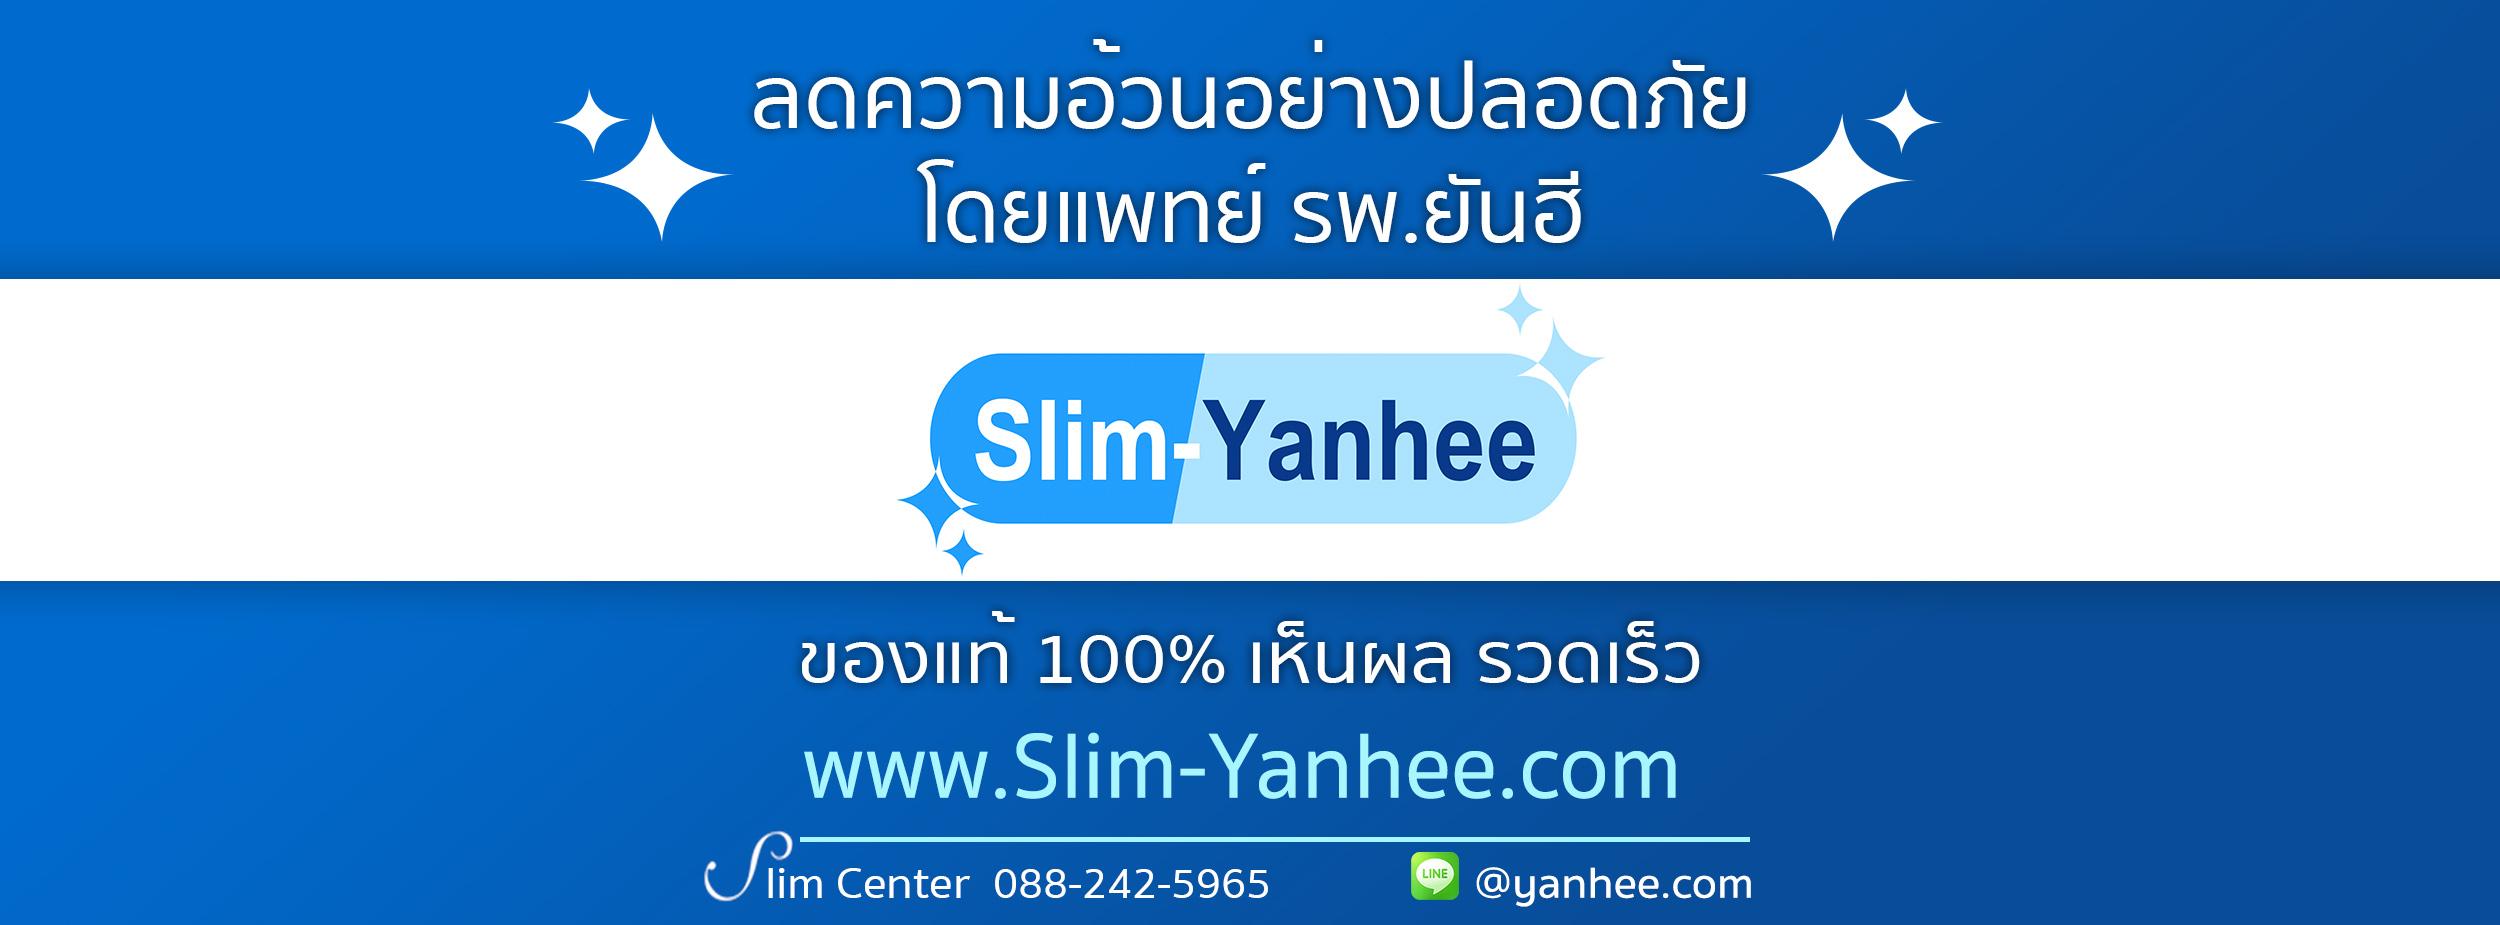 ยาลดความอ้วนยันฮี Slim-Yanhee